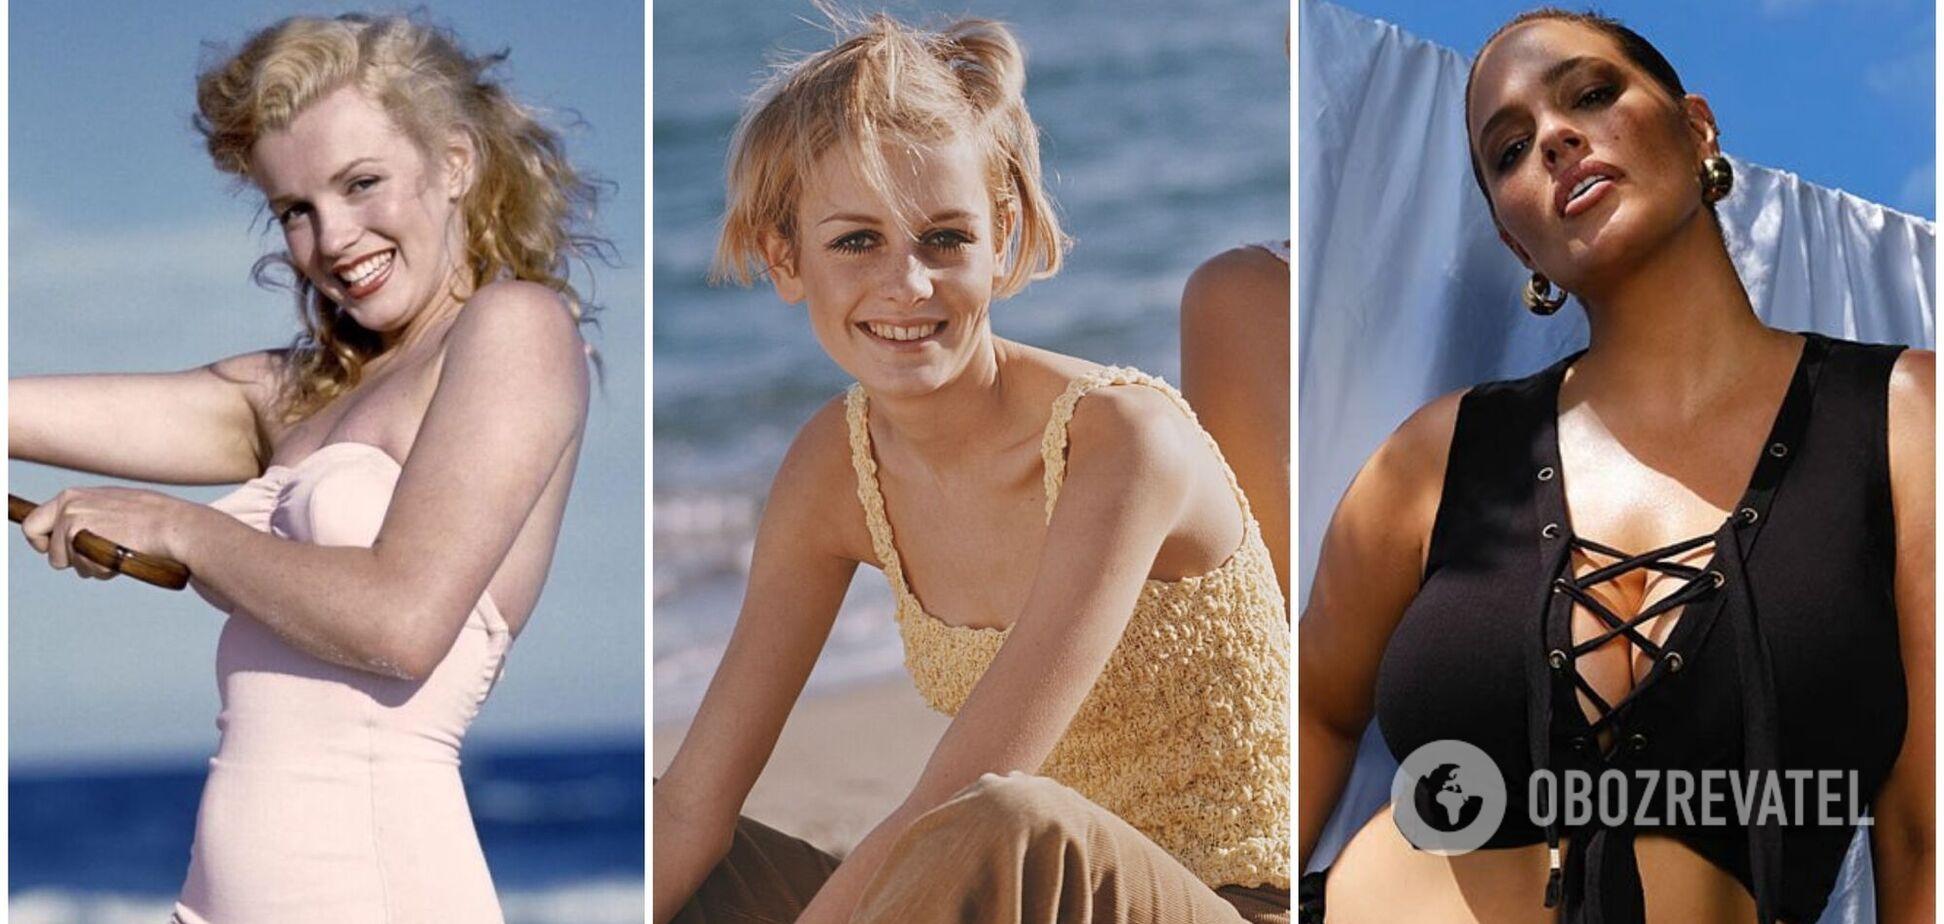 Как менялись женские тела от 1900-х до сегодня: фото идеалов красоты